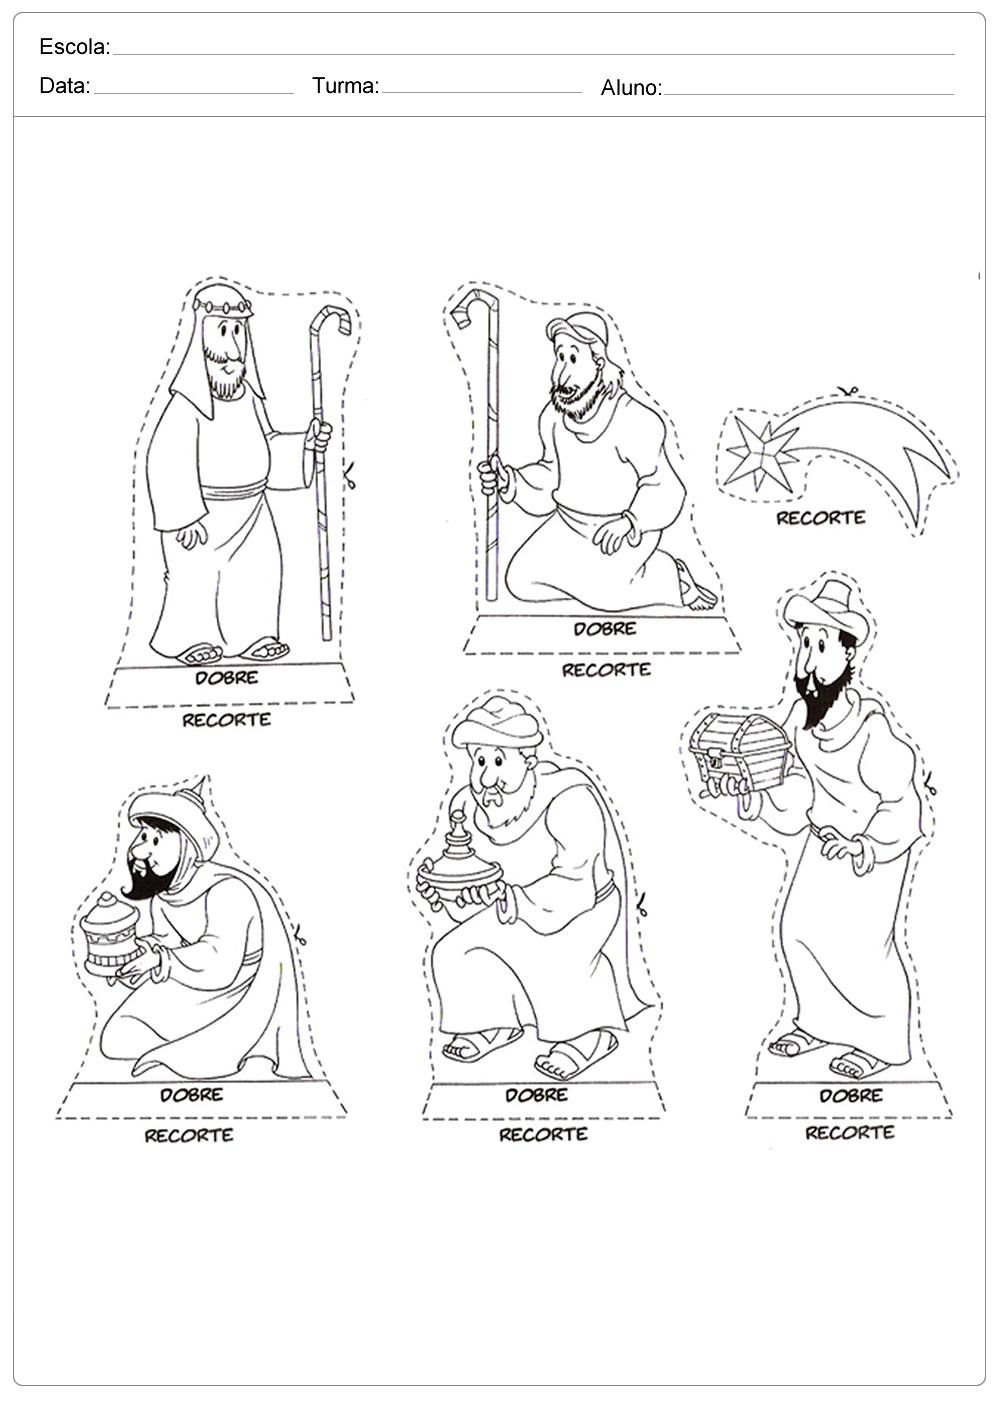 Moldes para Presépio – Presépio parte 1